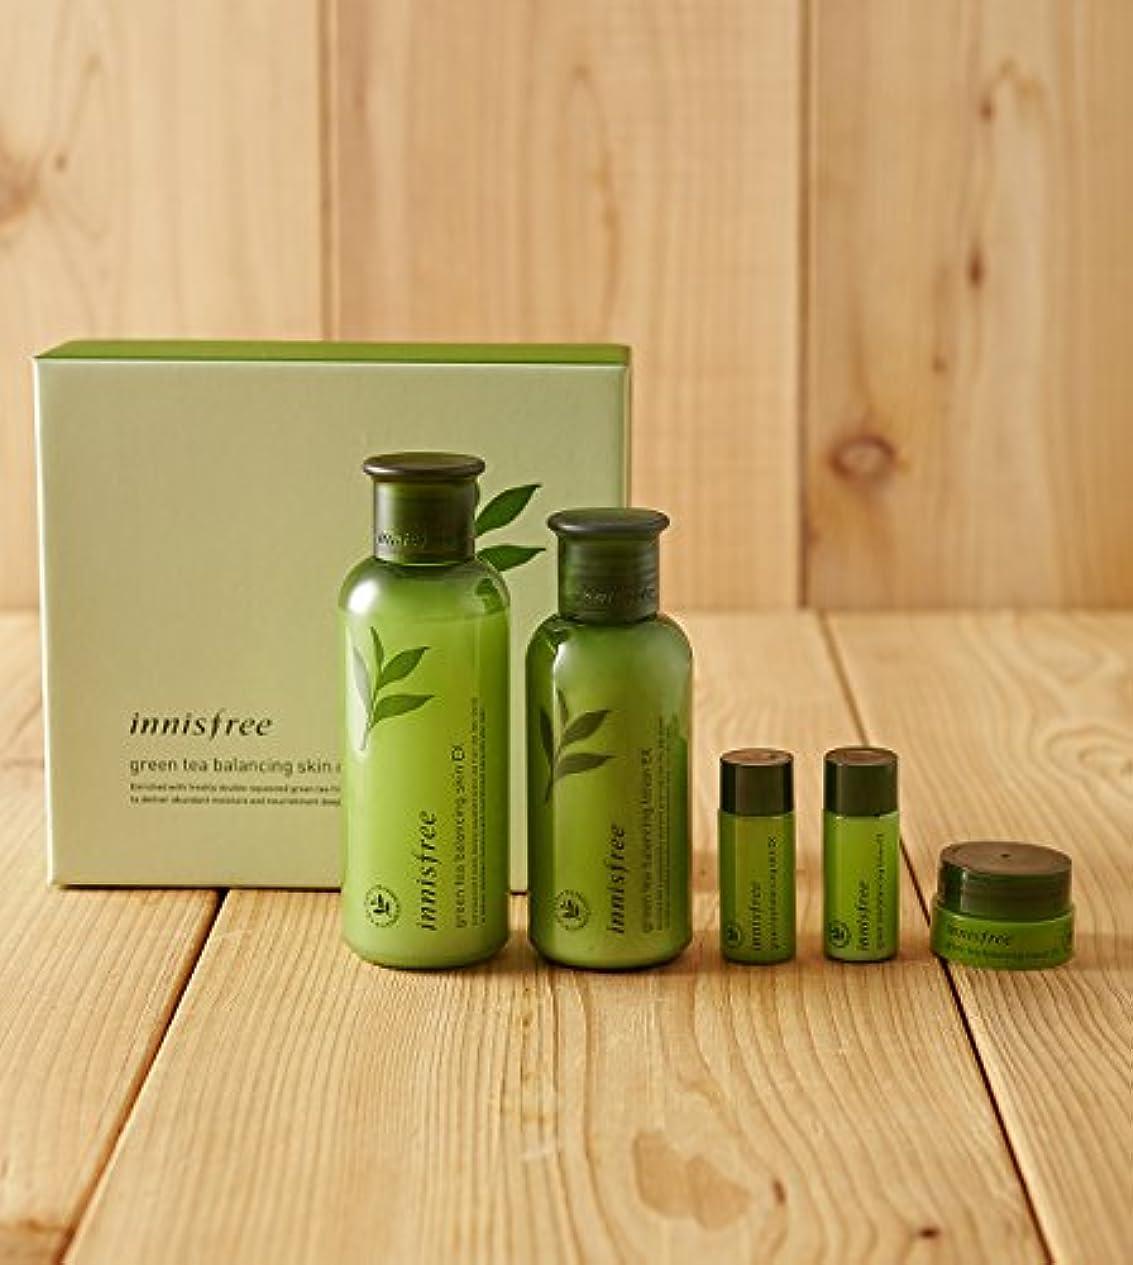 カメカニチラチラするinnisfree green tea balancing skin care set ex/イニスフリーグリーンティーバランシングスキンケアセットex